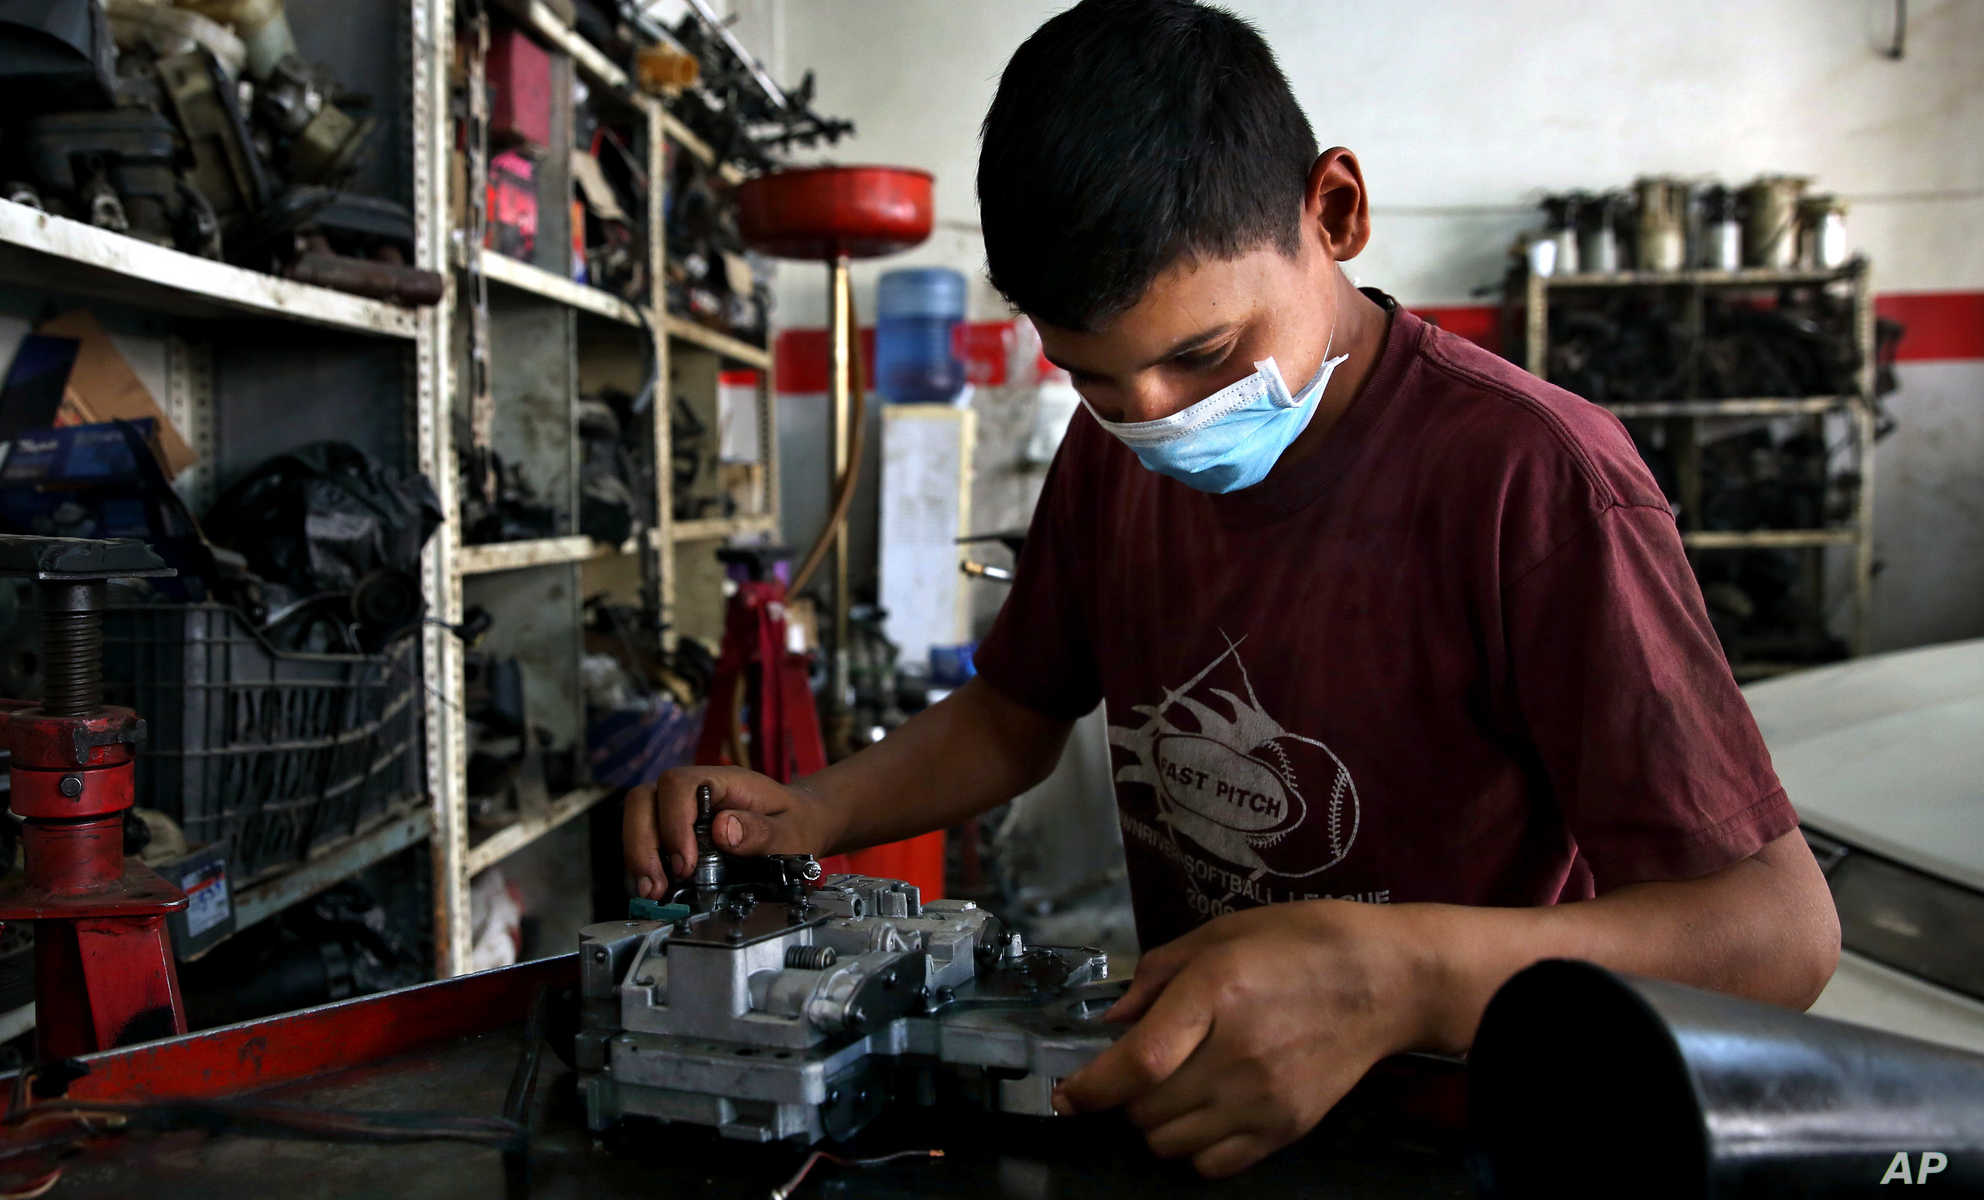 ازدياد عدد الأطفال العاملين في العالم للمرة الأولى منذ عقدين